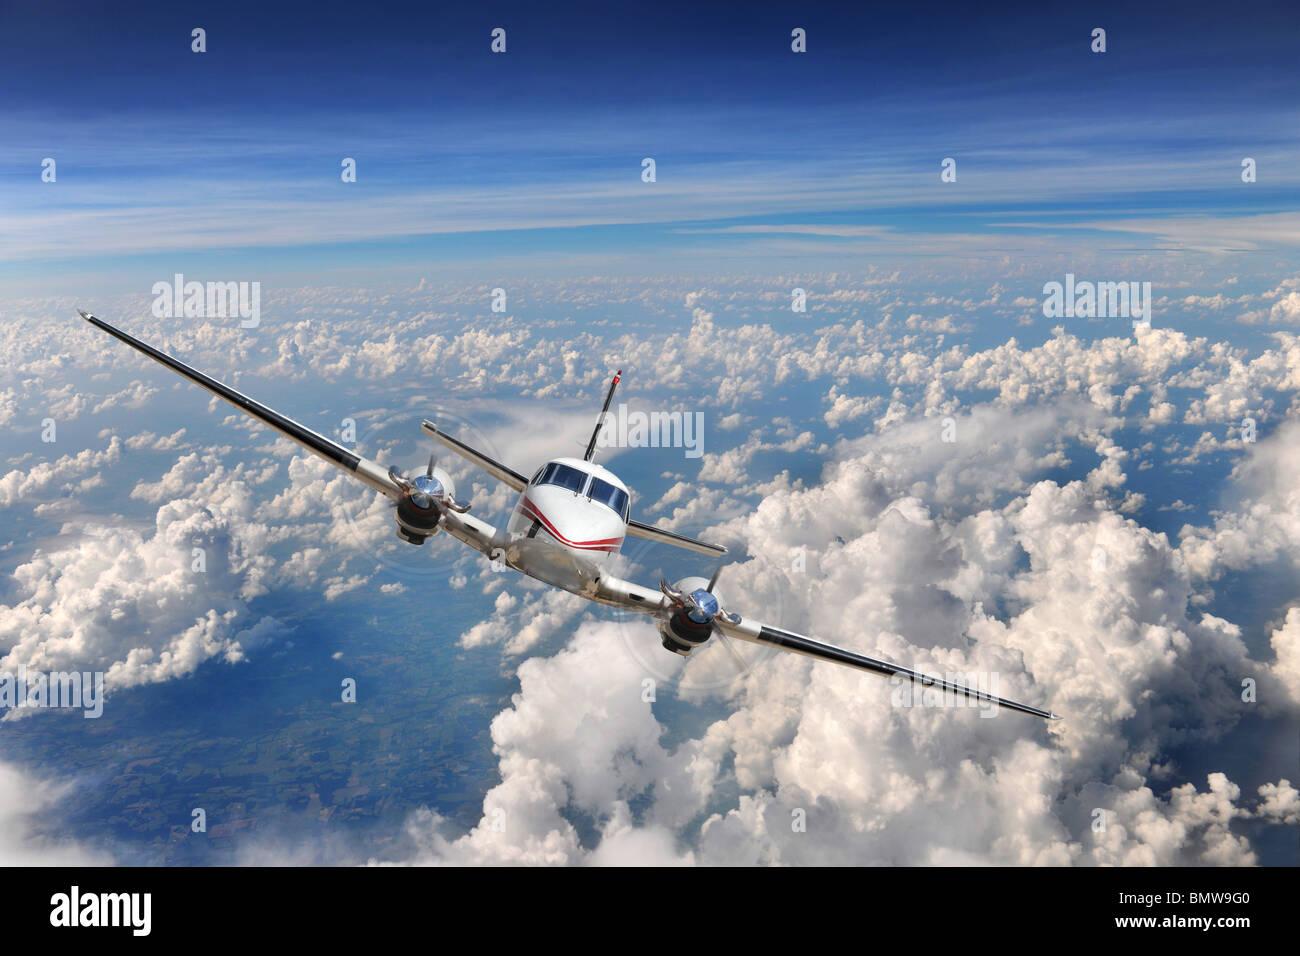 Vol d'un avion au-dessus des nuages Photo Stock